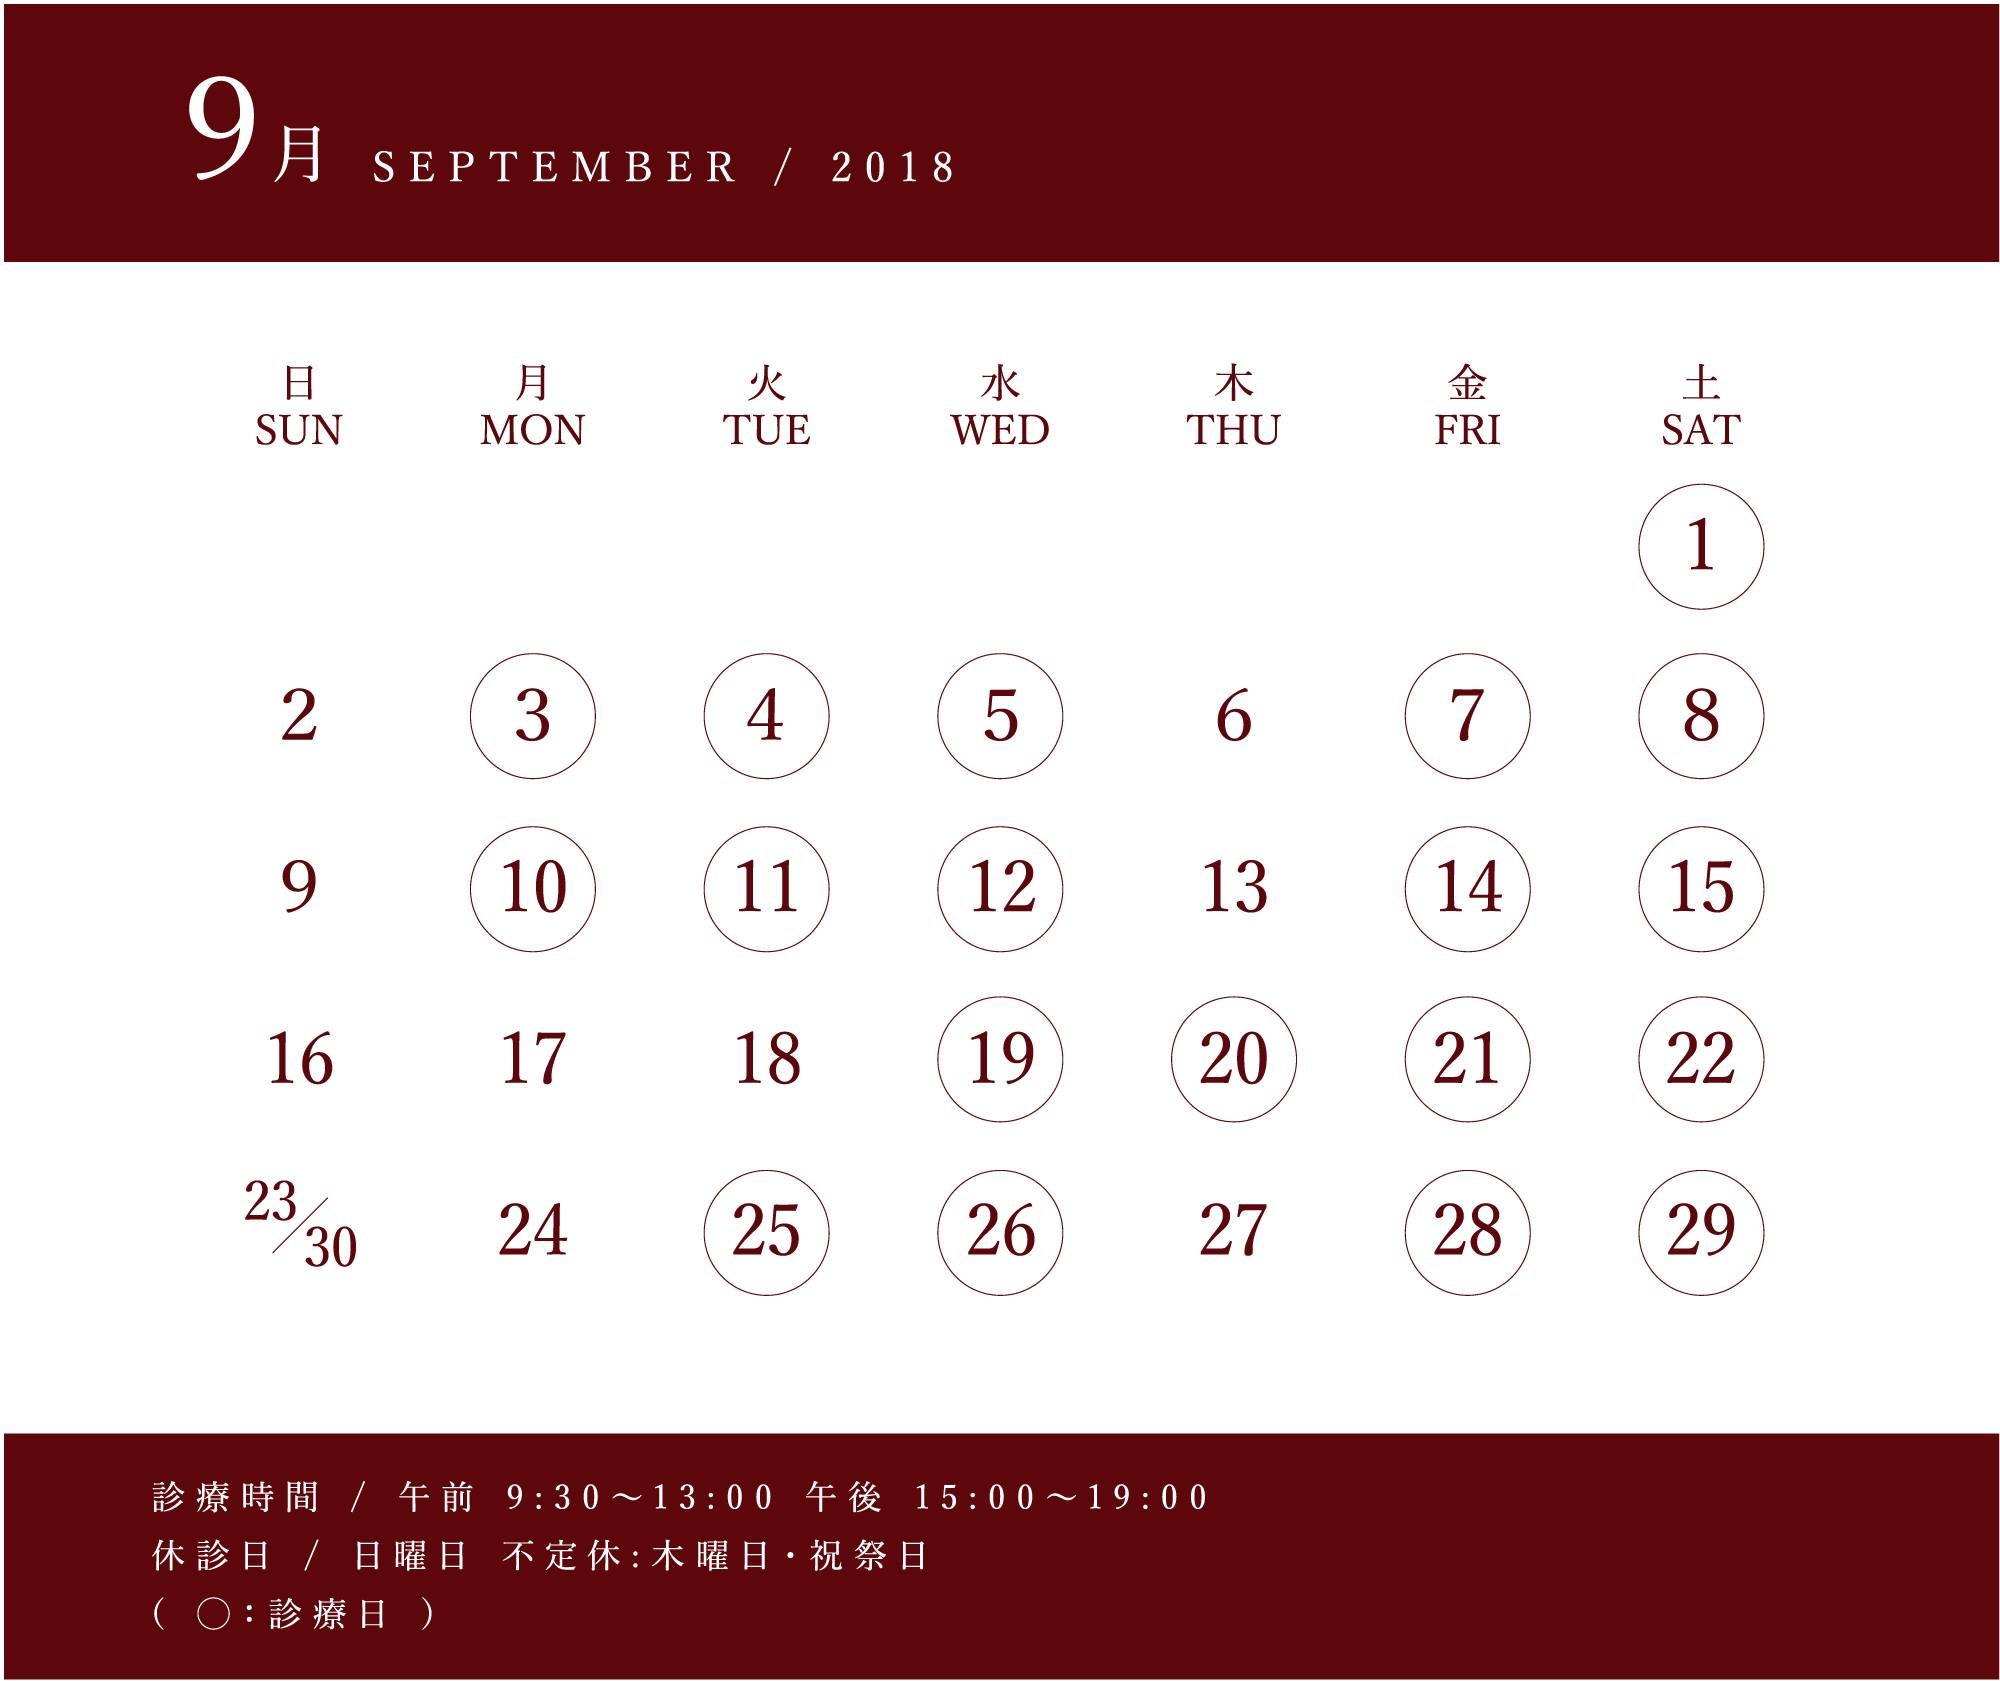 2018年9月つつい歯科診療カレンダー